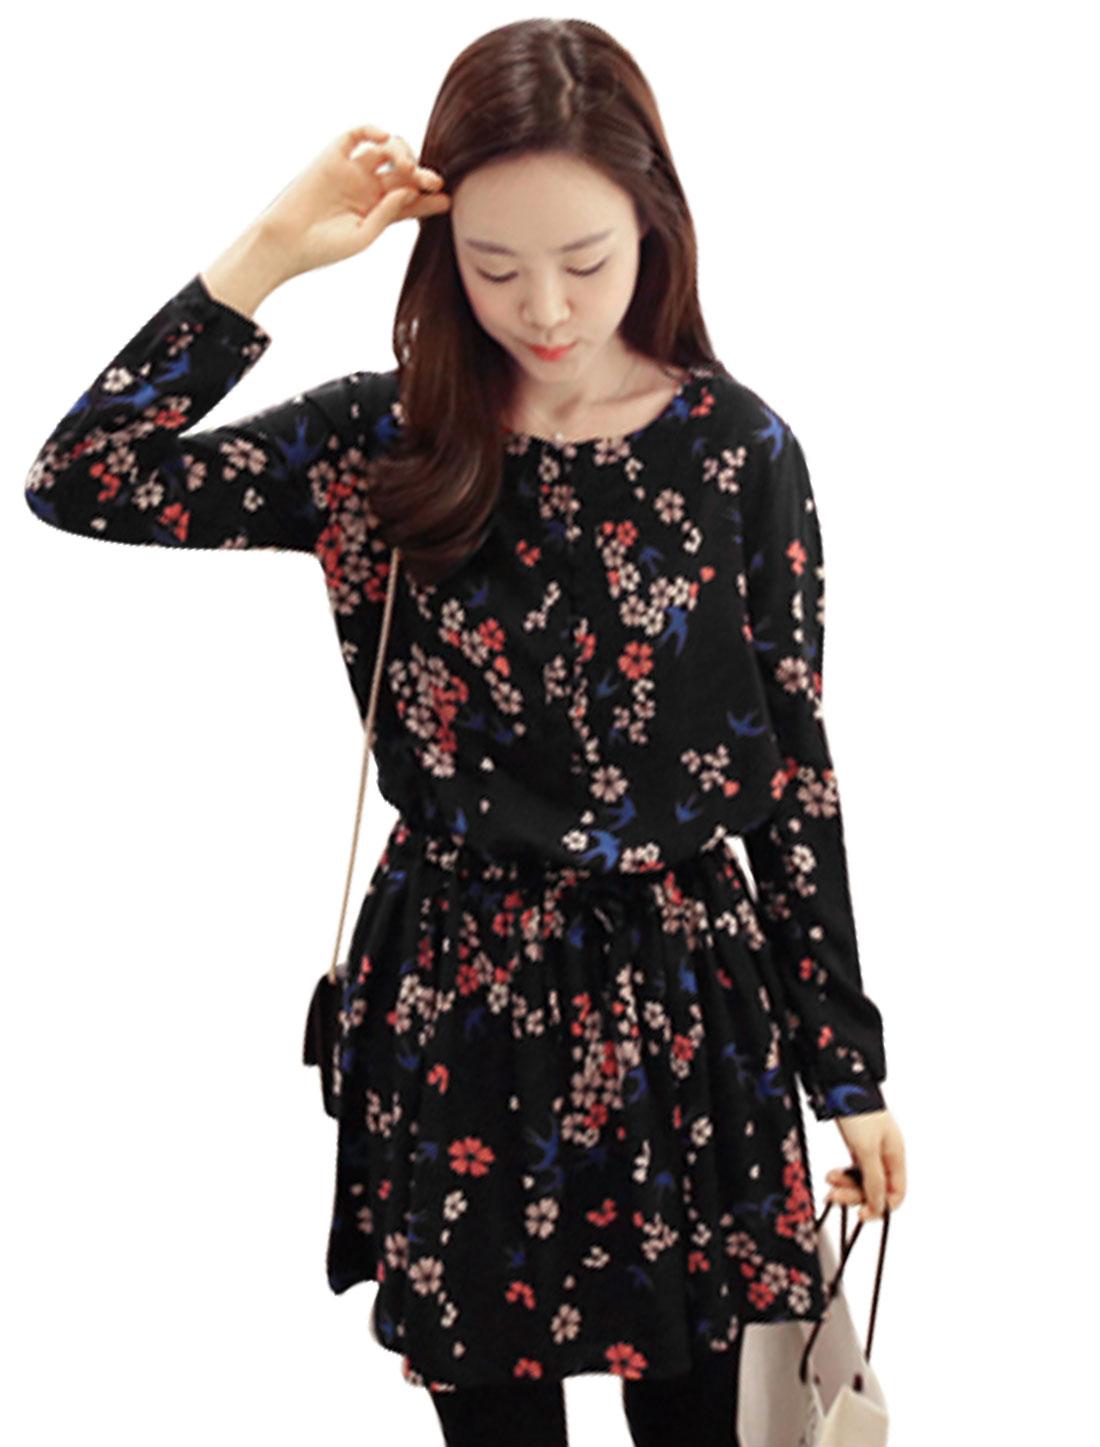 Ladies Navy Blue Pullover Floral Prints Waist String Elastic Loop Closure Dress S